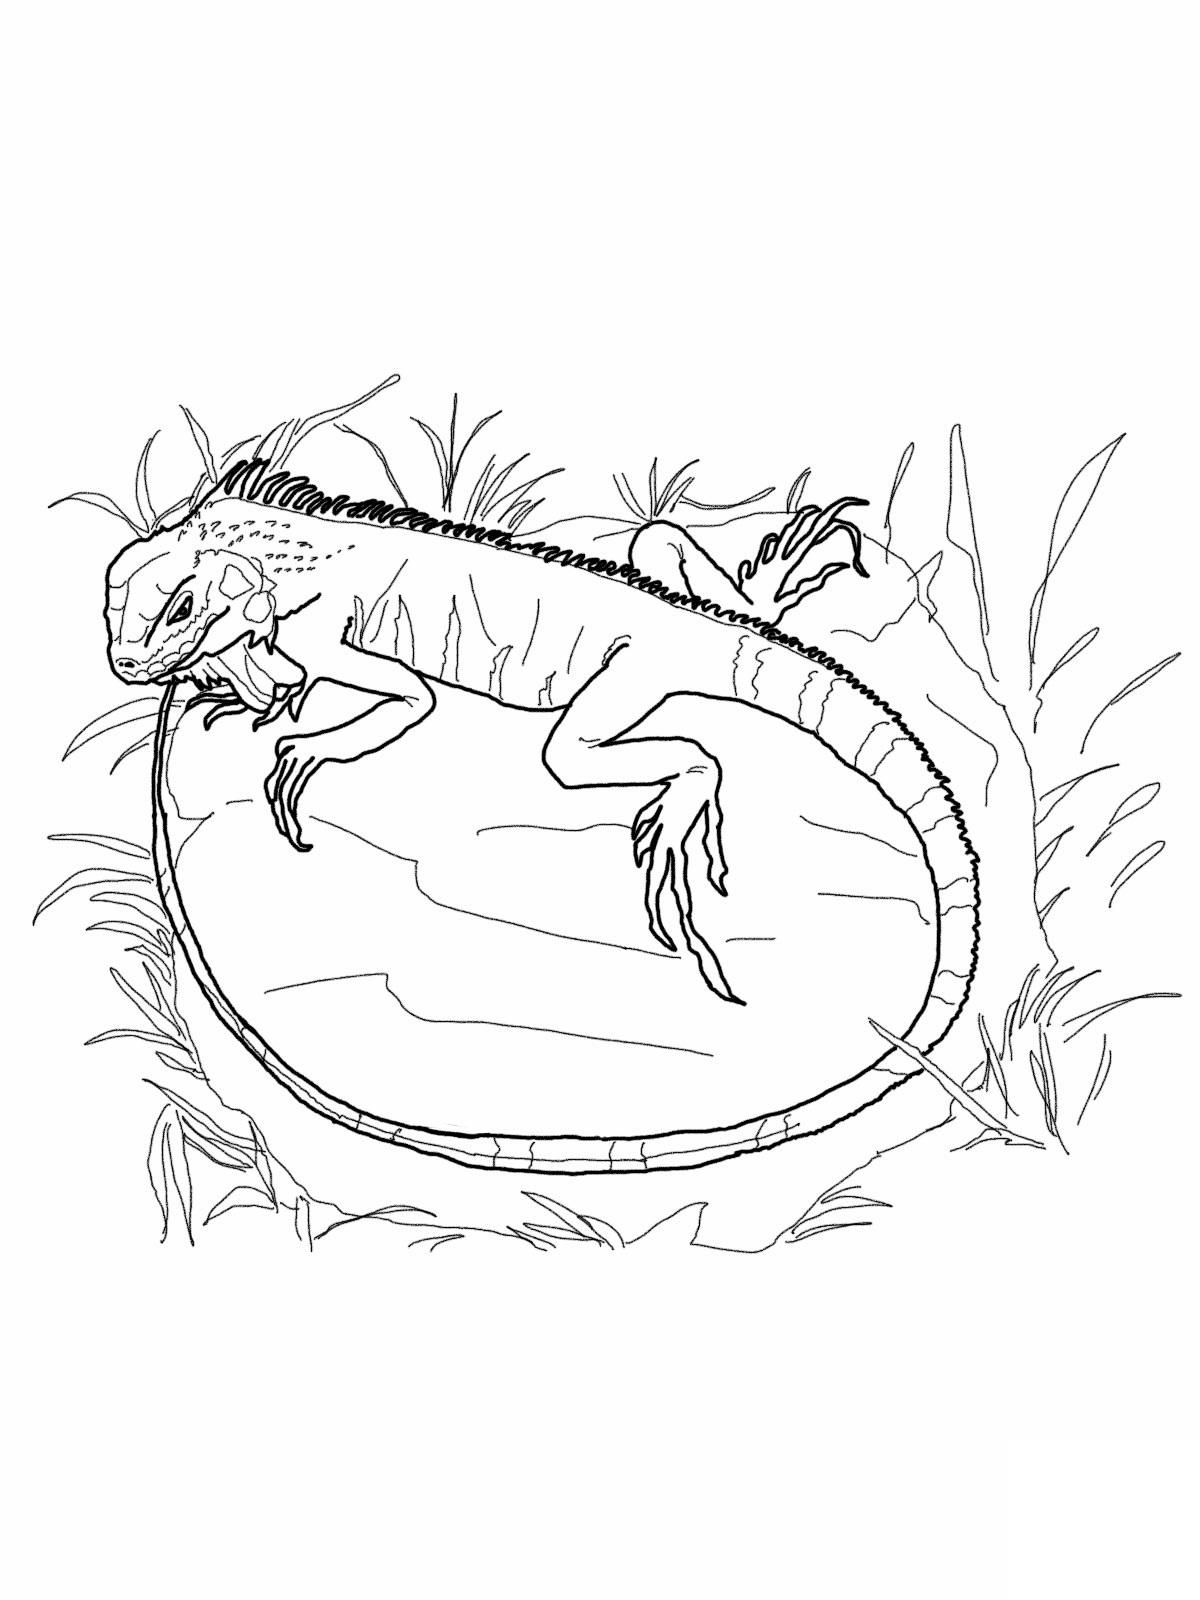 Free Printable Iguana Coloring